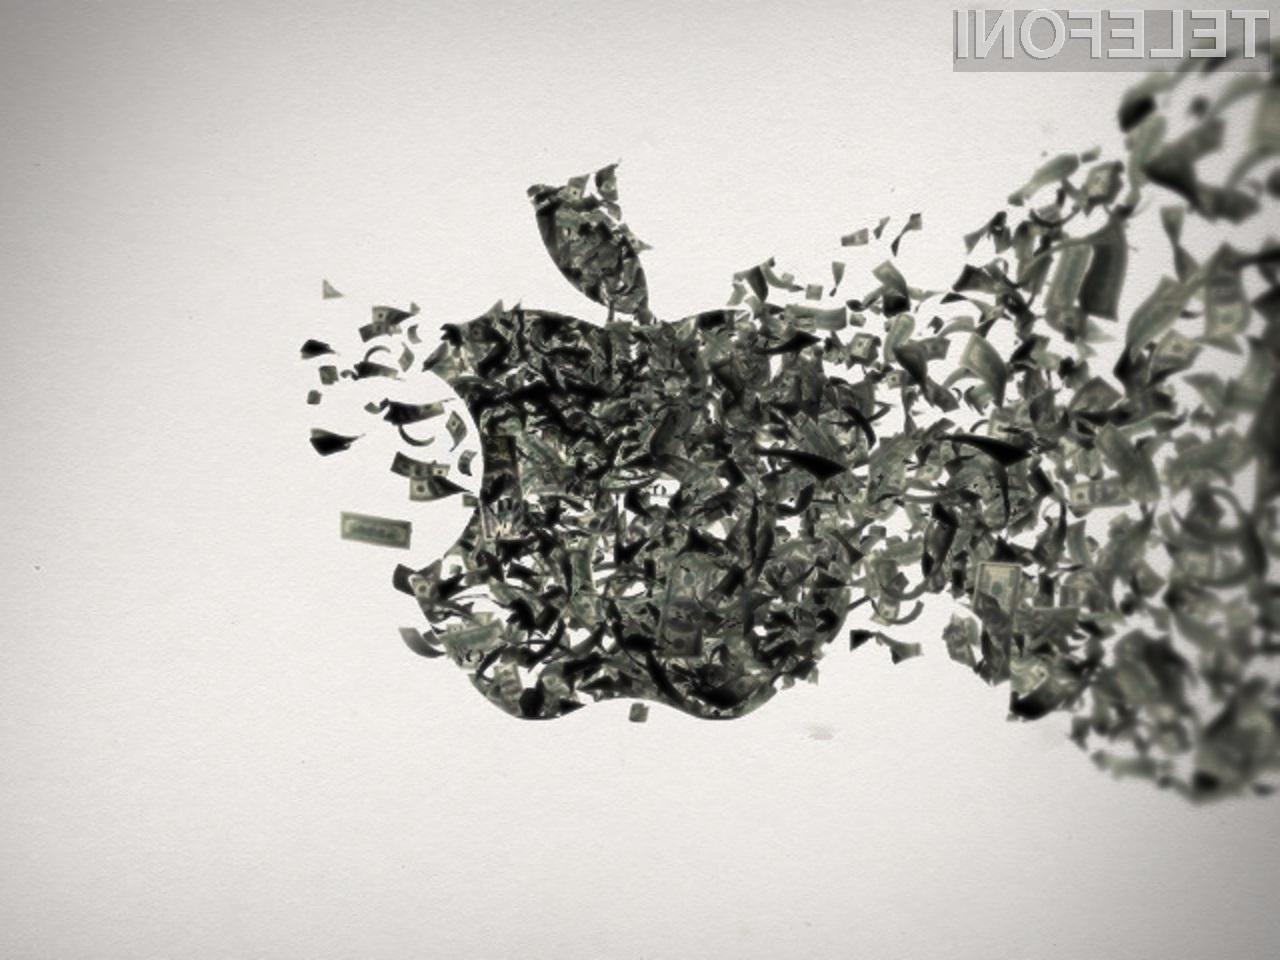 Apple verjame, da je denarna kazen proti njemu povsem neupravičena.